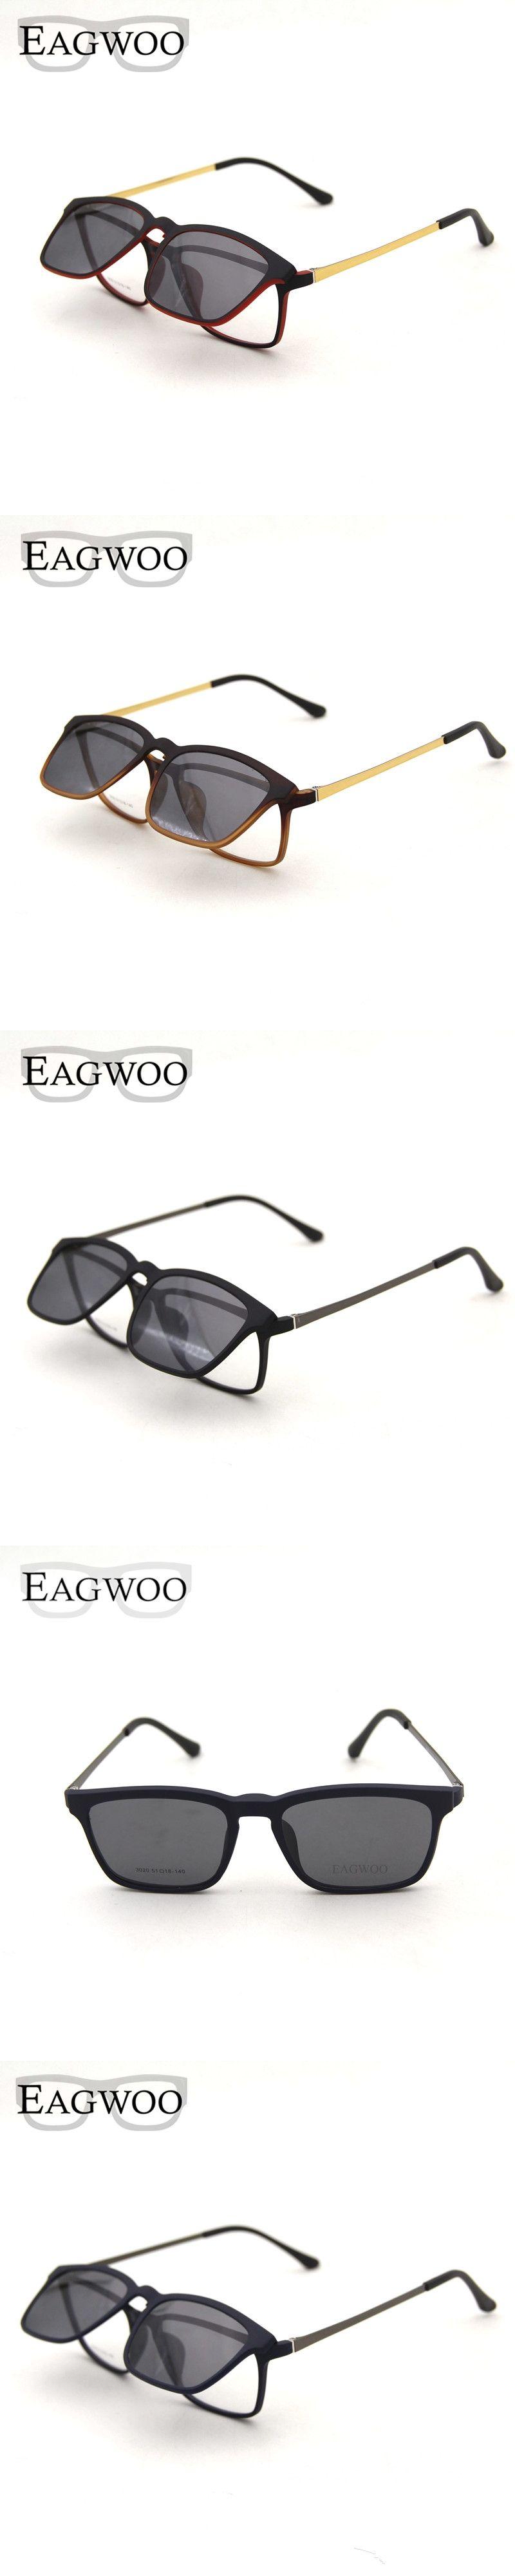 297aa48531 Magnet Eyeglasses Full Rim Optical Frame Prescription Spectacle Vintage Men  Myopia Eye Glasses Sunglasses Anti Glare